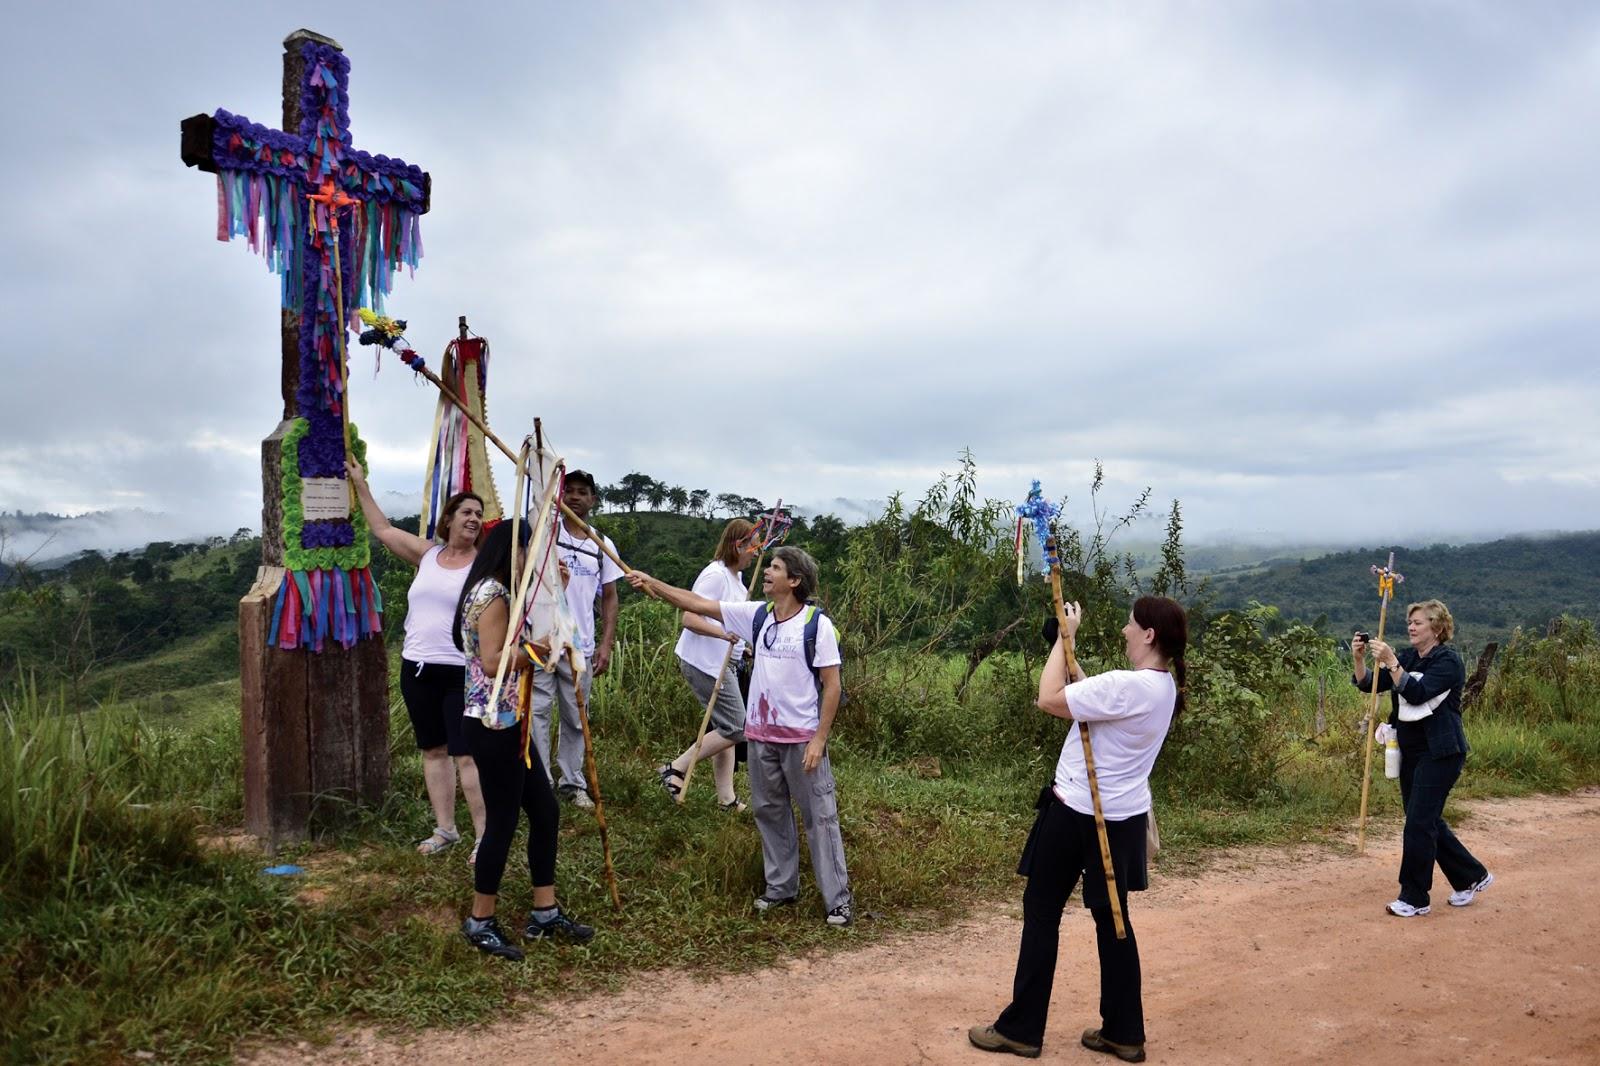 030d6ce69a14 Os cruzeiros (Passos de Santa Cruz) são decorados por artistas para a festa